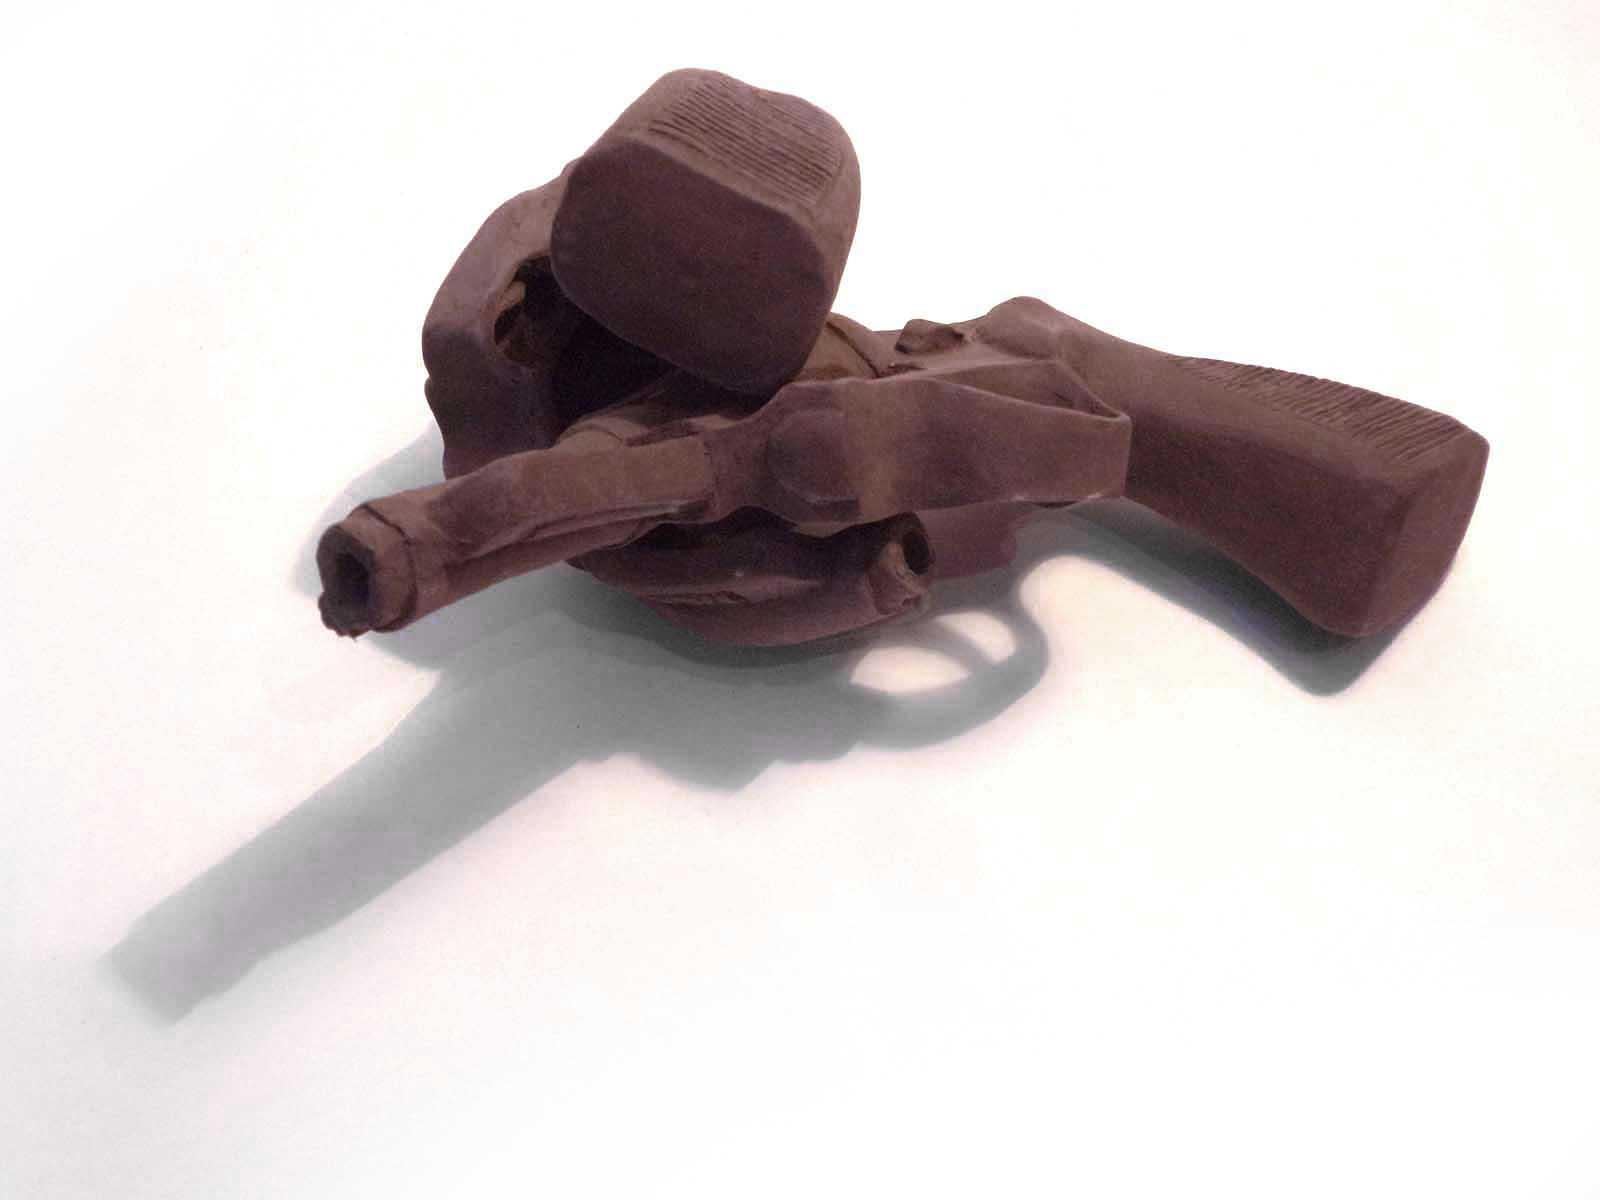 Revolvers de terre cuite nue.